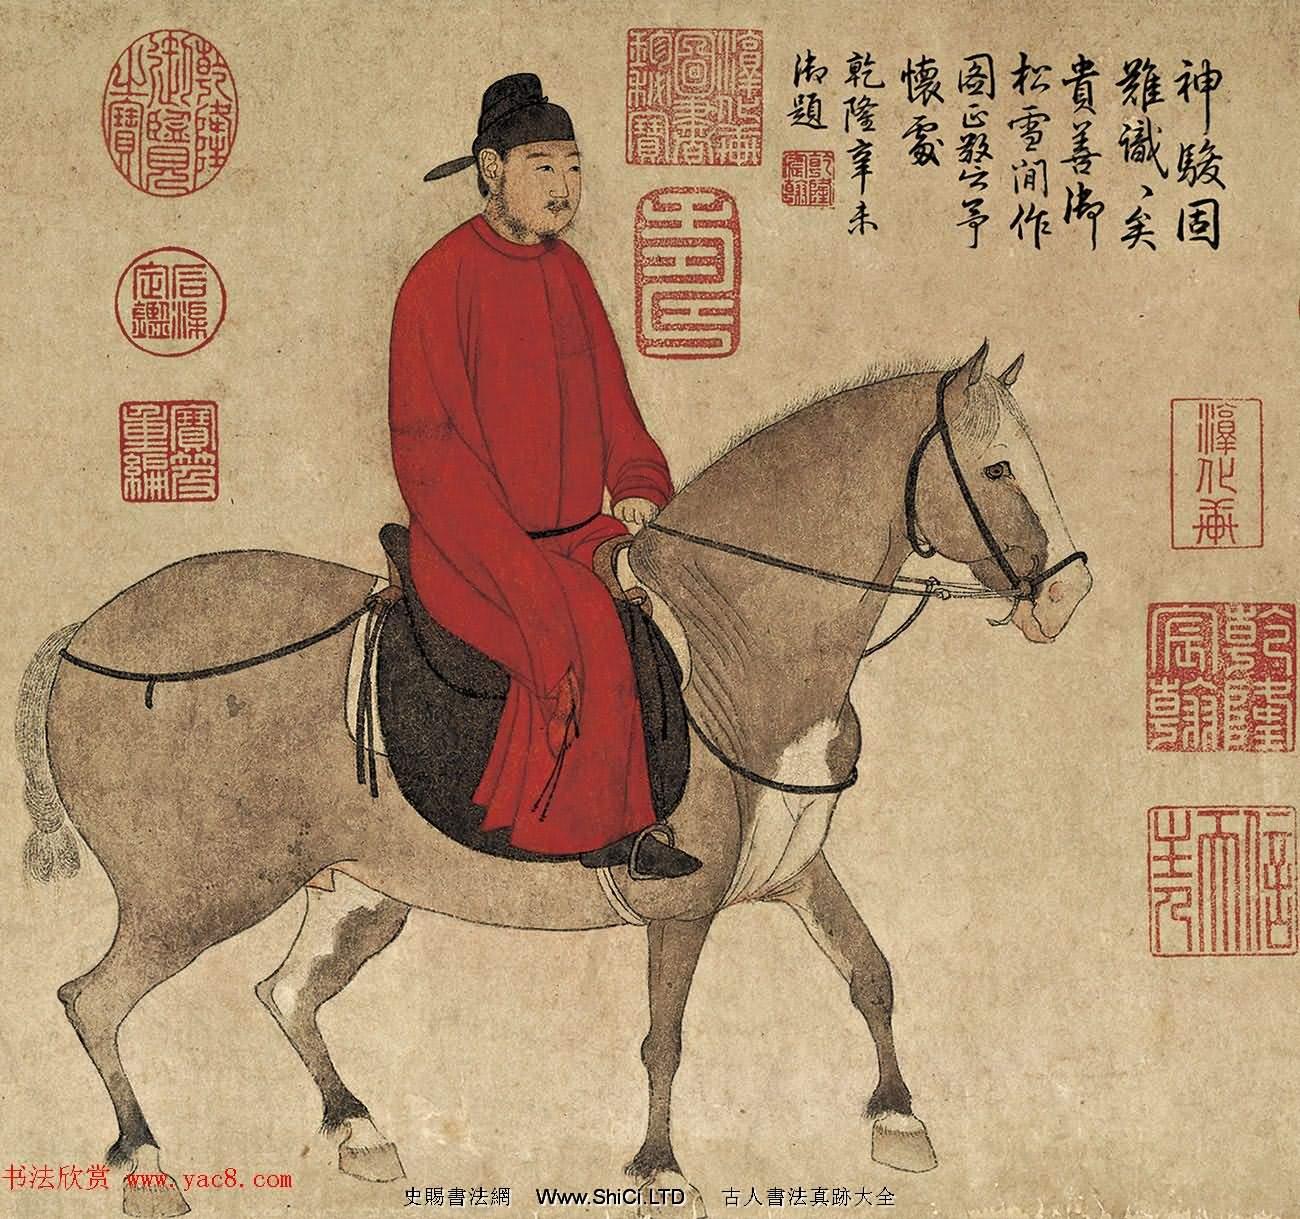 趙孟俯書法字畫欣賞《人騎圖》